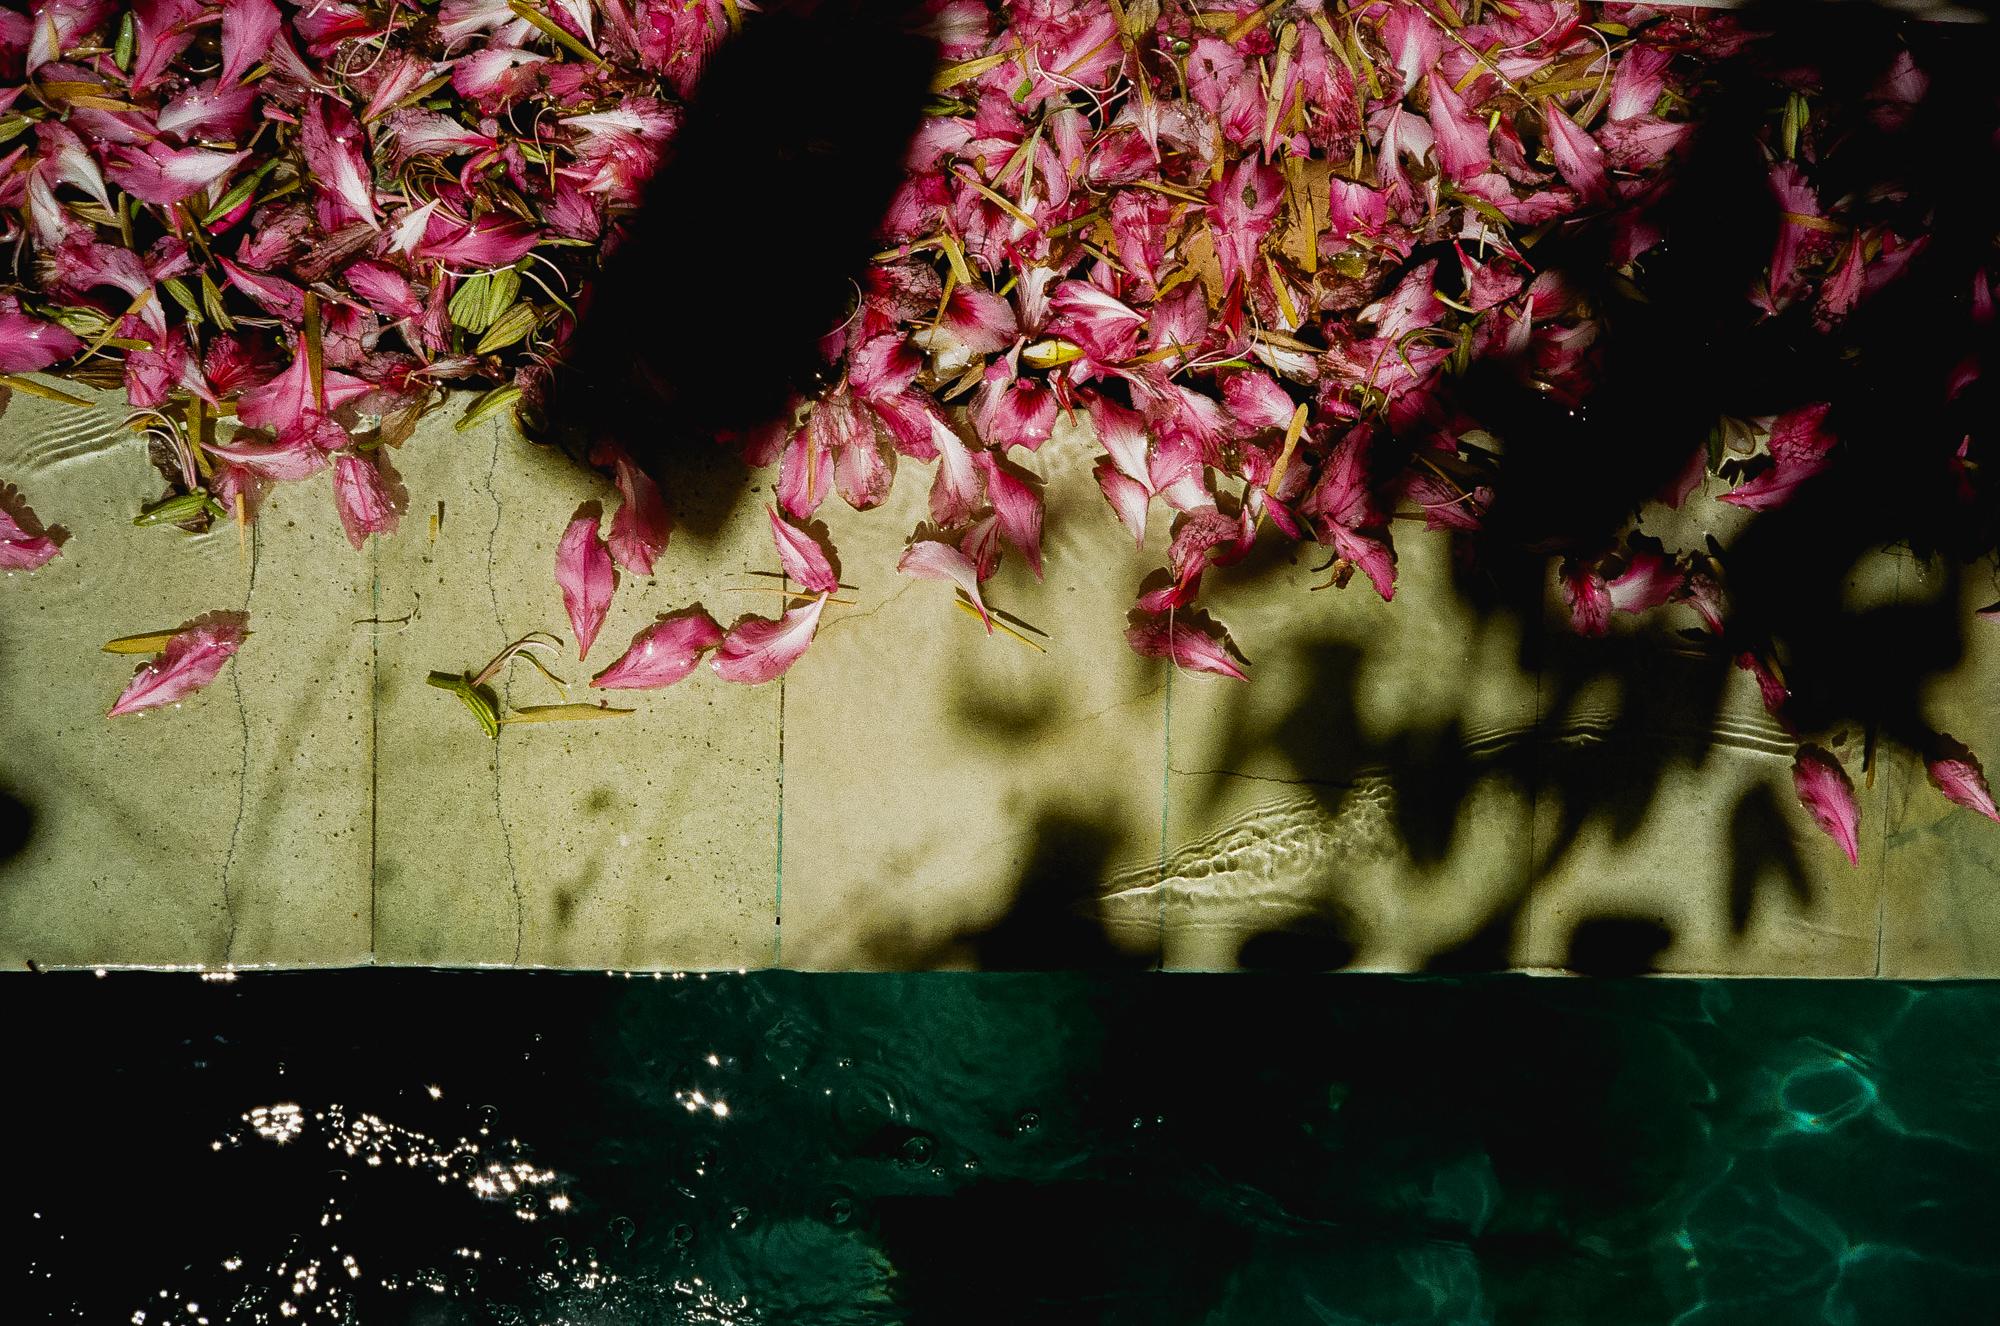 balinese flower petals